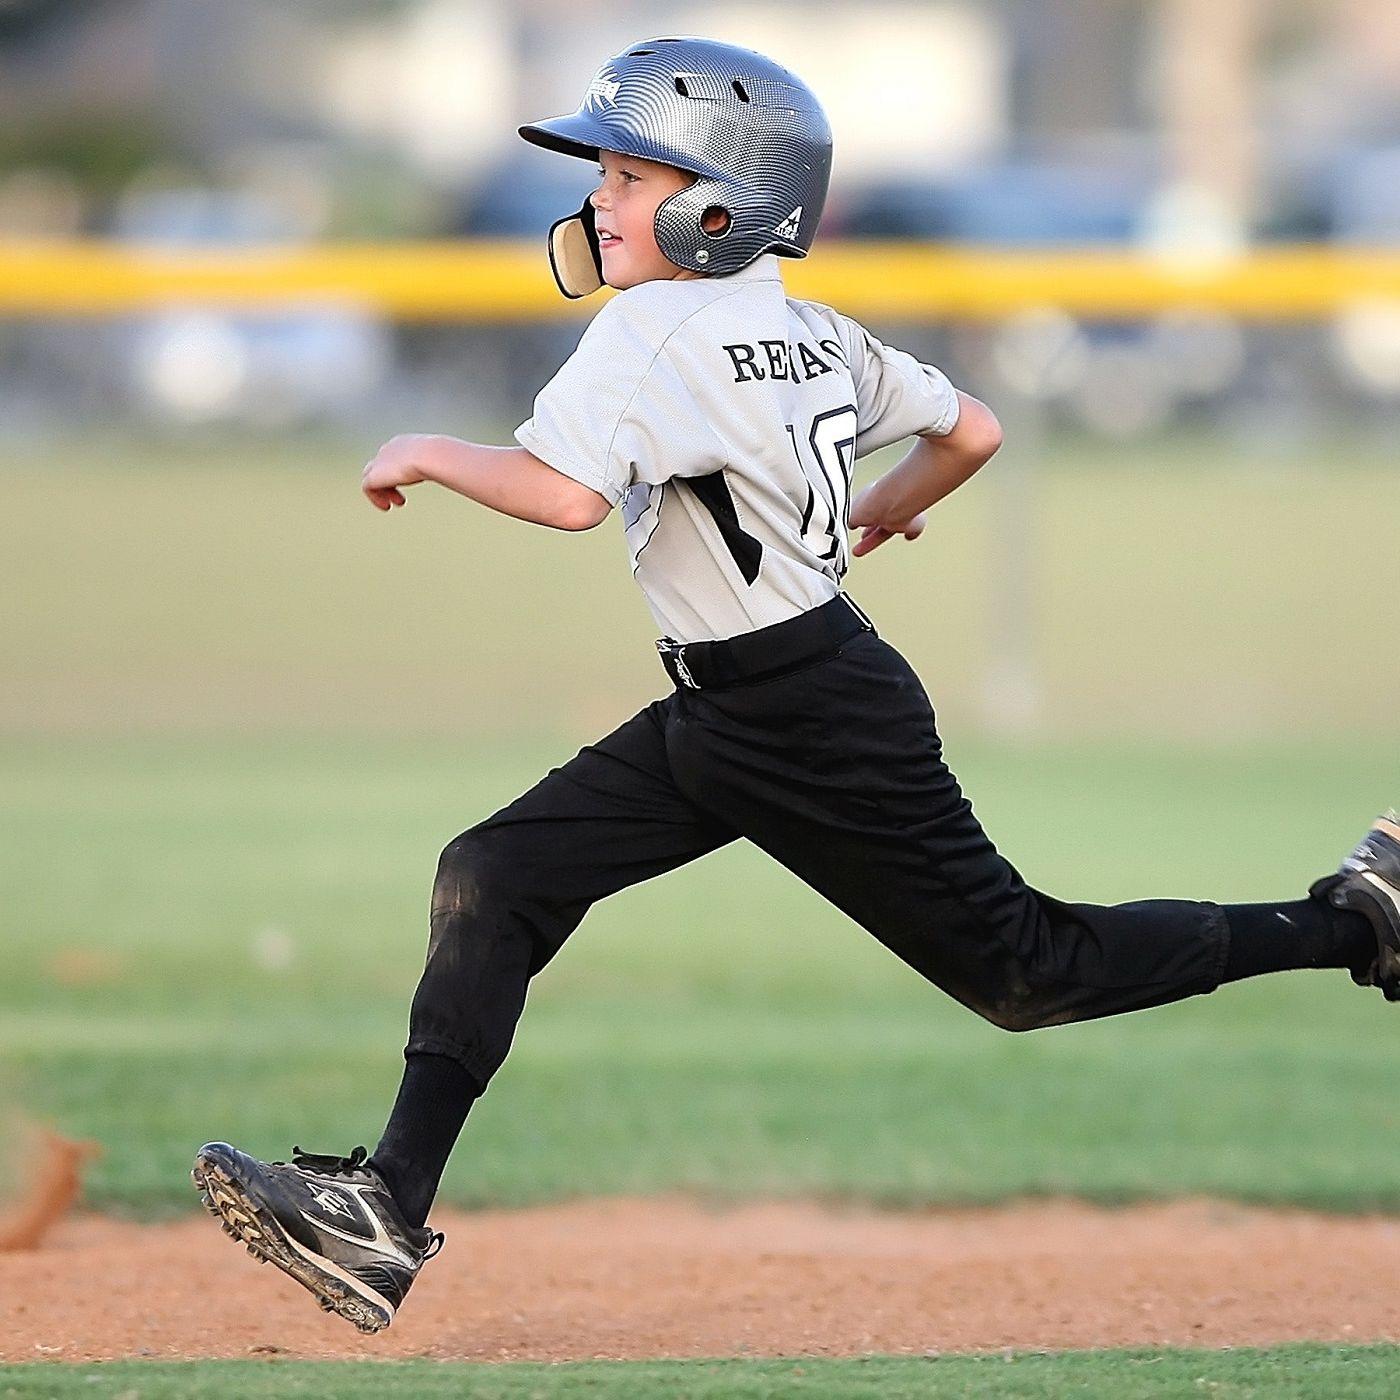 #22: 'Behandling af forreste knæsmerter hos sportsaktive børn & unge' med Michael Rathleff